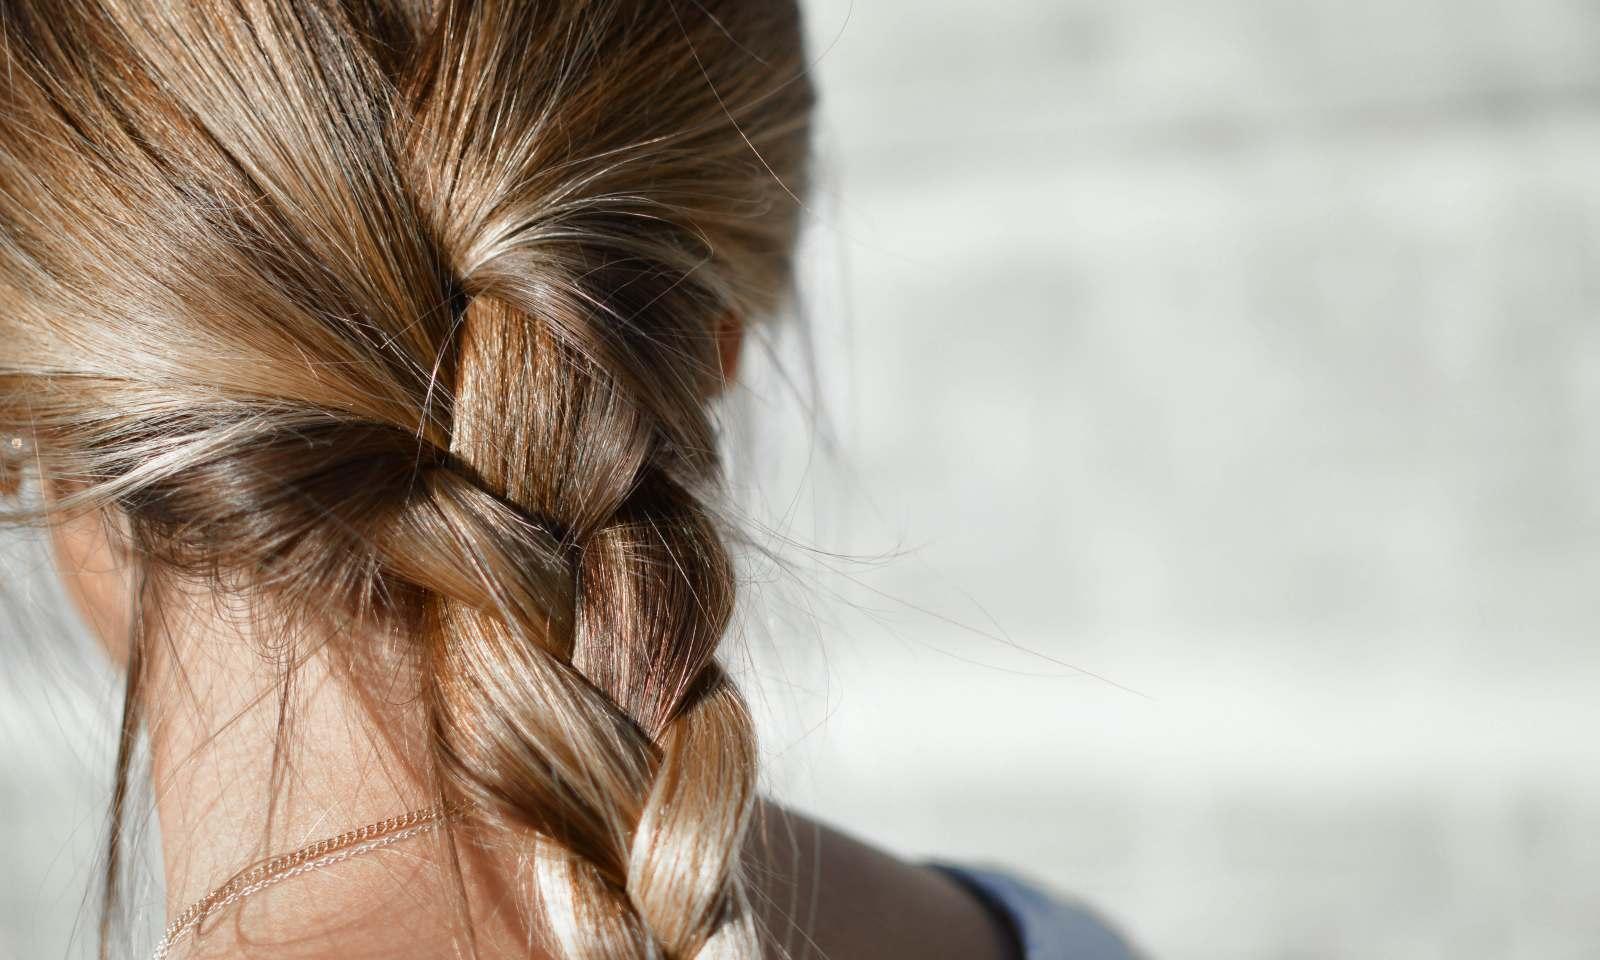 ragazza con capelli fini biondi legati in una treccia